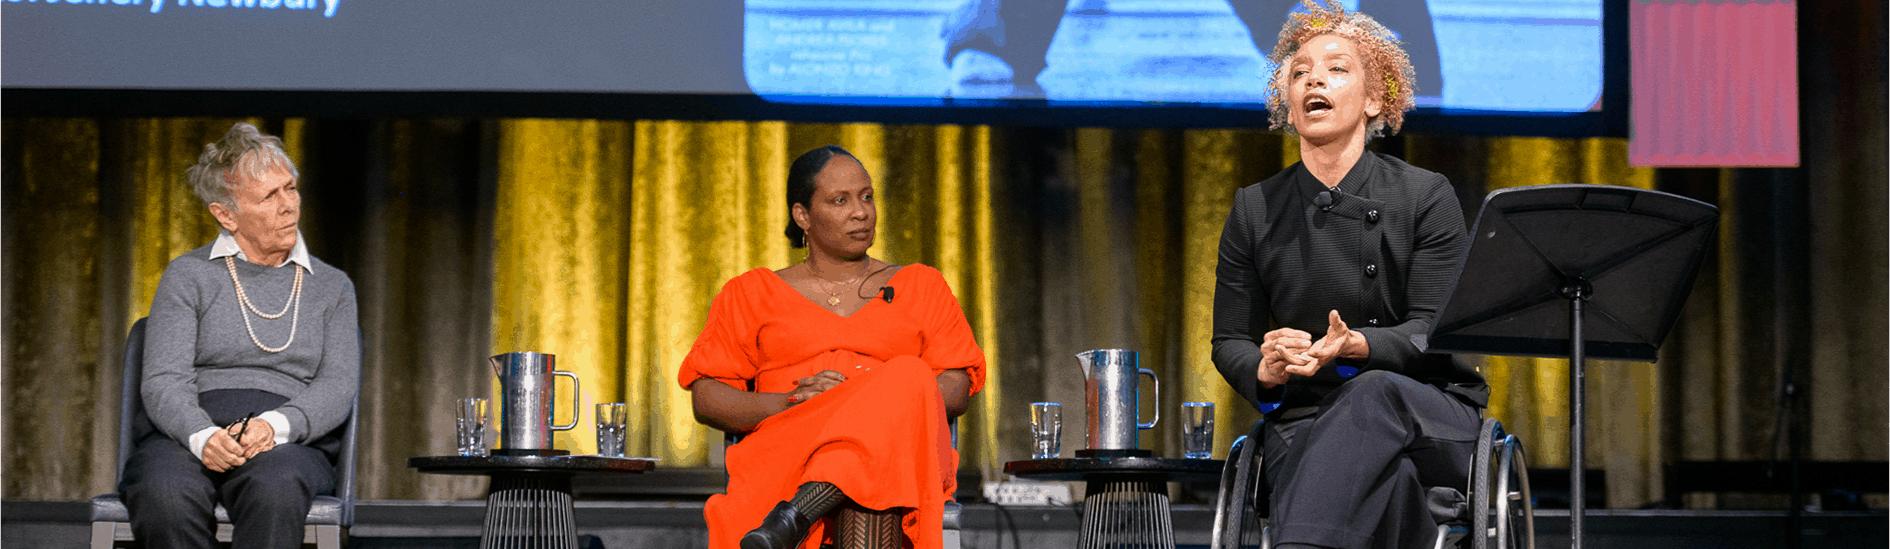 APAP|NYC 2020 Opening Plenary Speakers by Adam Kissick/APAP